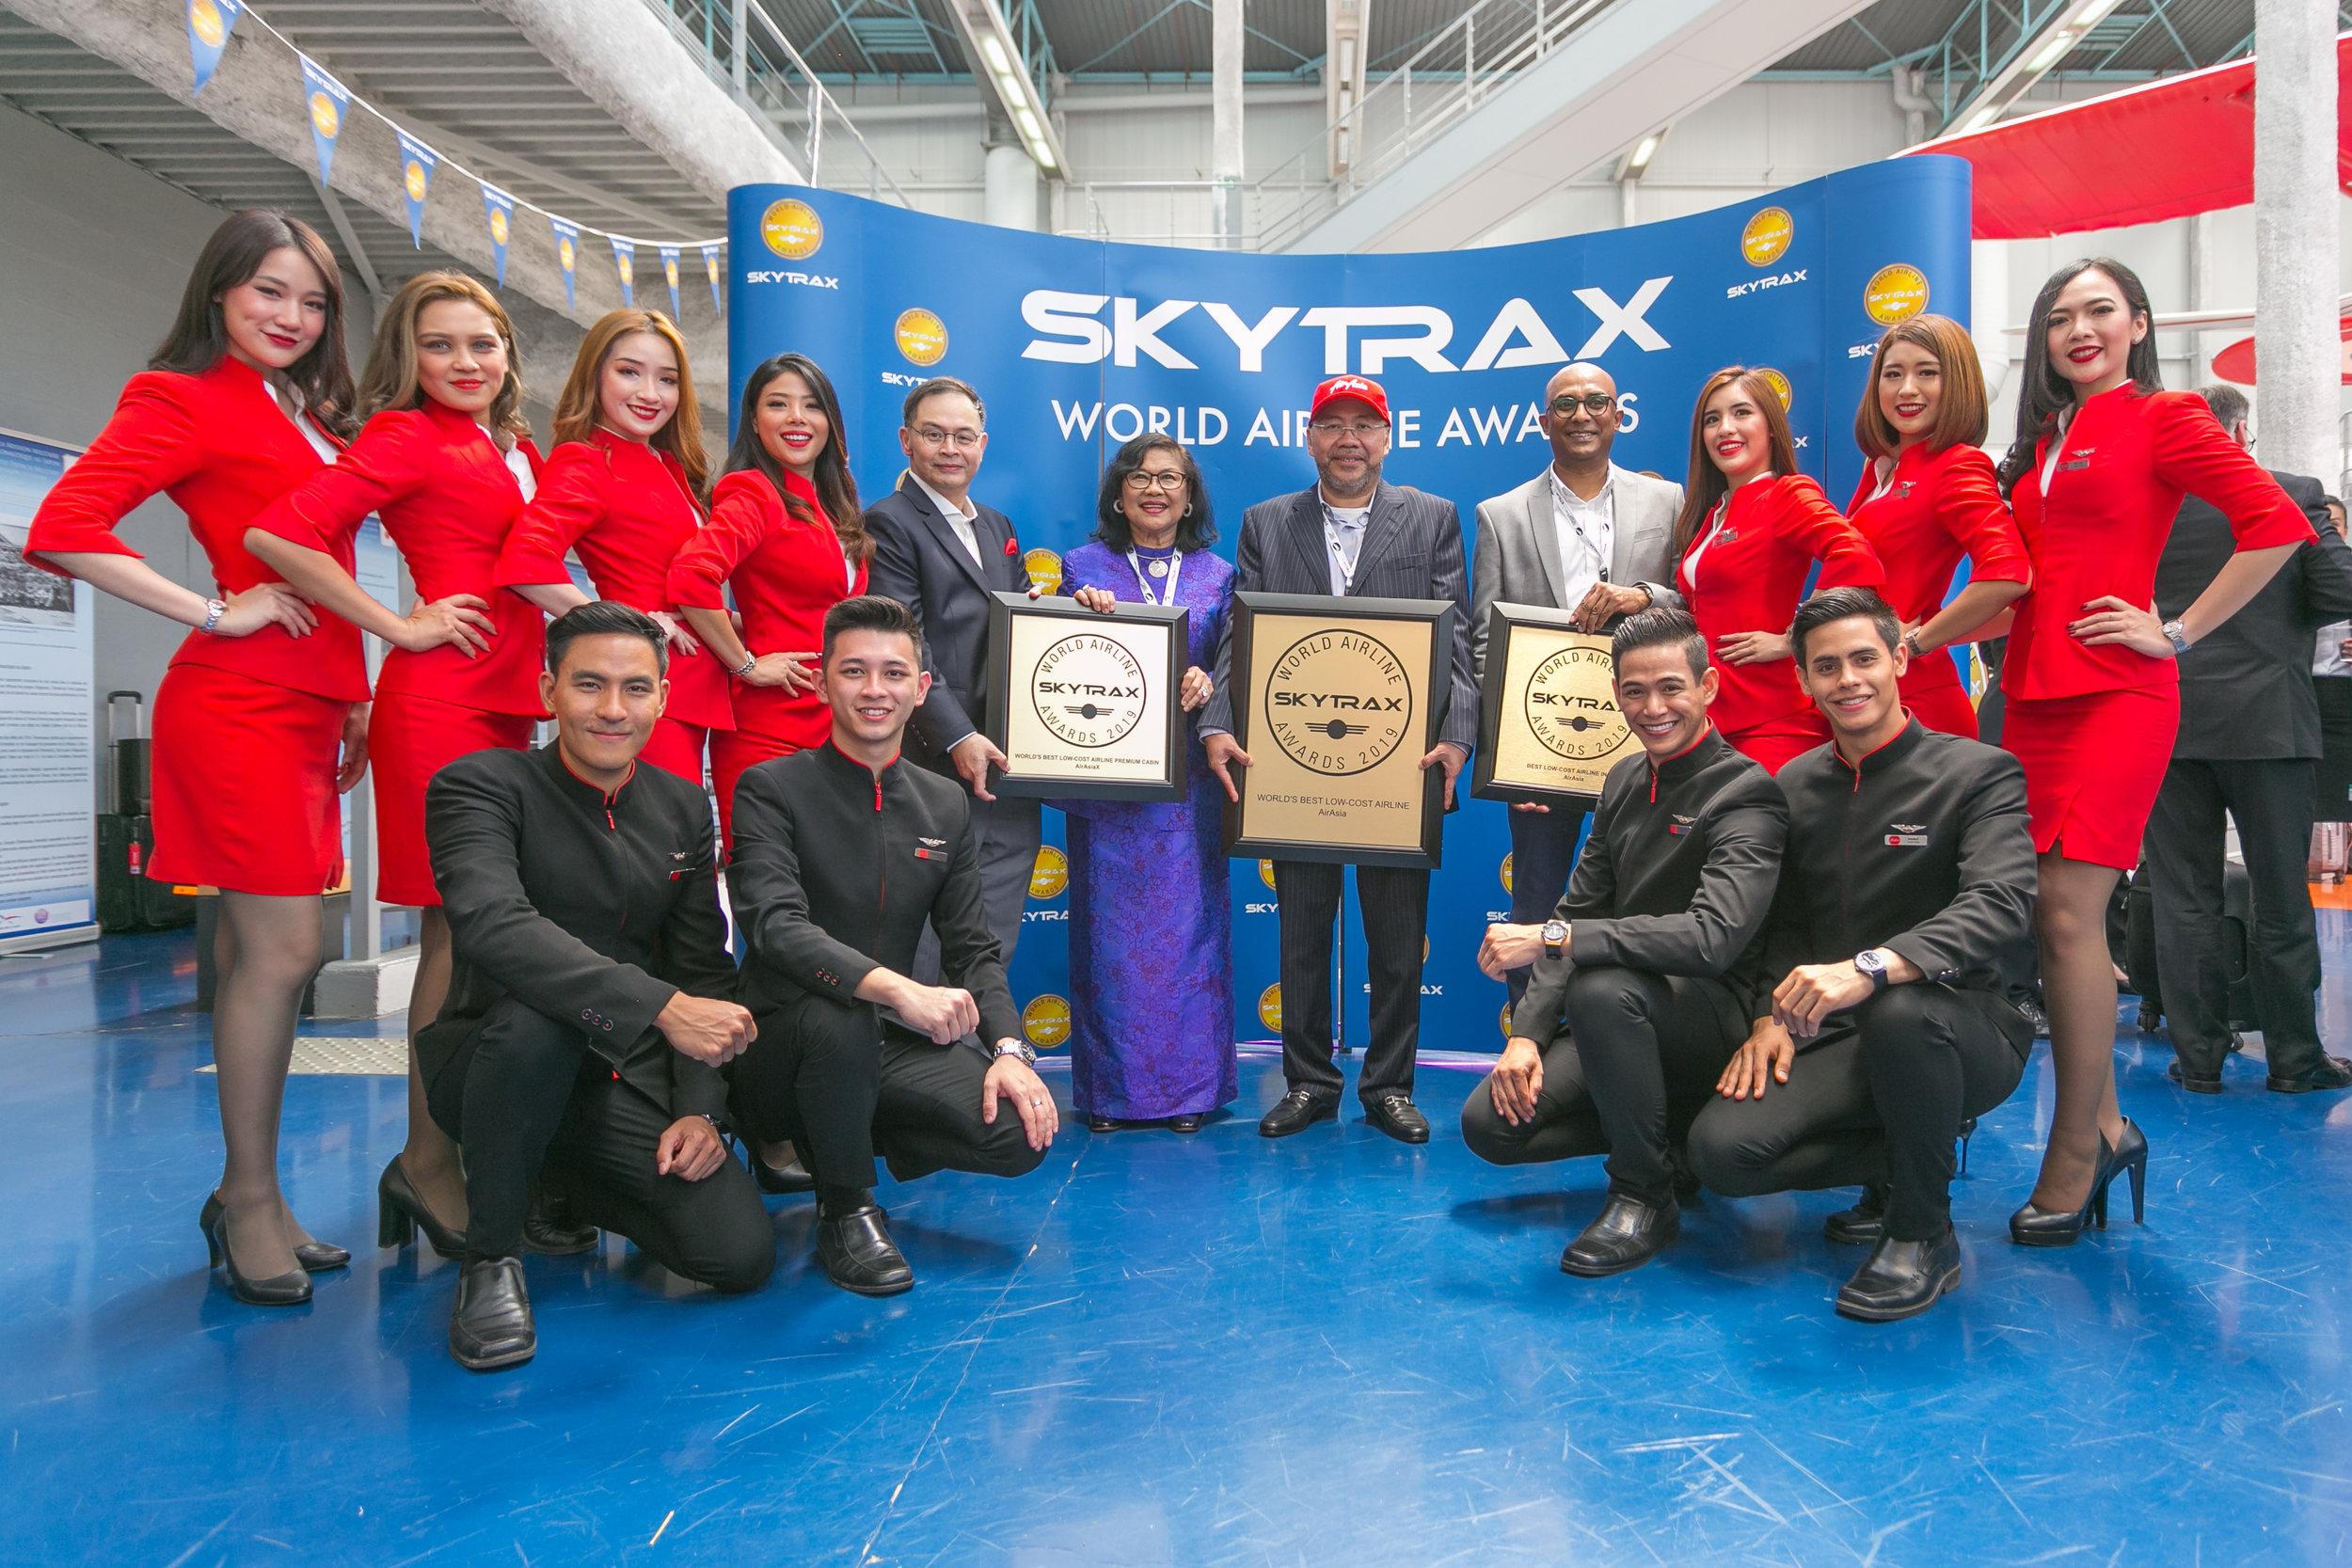 (คนที่ 5 จากซ้าย) นายนัตดา บุรณศิริ ประธานเจ้าหน้าที่บริหารกลุ่มสายการบินแอร์เอเชีย เอ็กซ์ นางราฟิดาห์ อาซิส ประธานบริหารแอร์เอเชีย เอ็กซ์ นายคามารูดิน เมอรานัน ประธานบริหารกลุ่มสายการบินแอร์เอเชีย นายโบ ลินกัม รองประธานเจ้าหน้าที่บริหารกลุ่มสายการบินแอร์เอเชีย พร้อมด้วยลูกเรือสายการบินแอร์เอเชีย